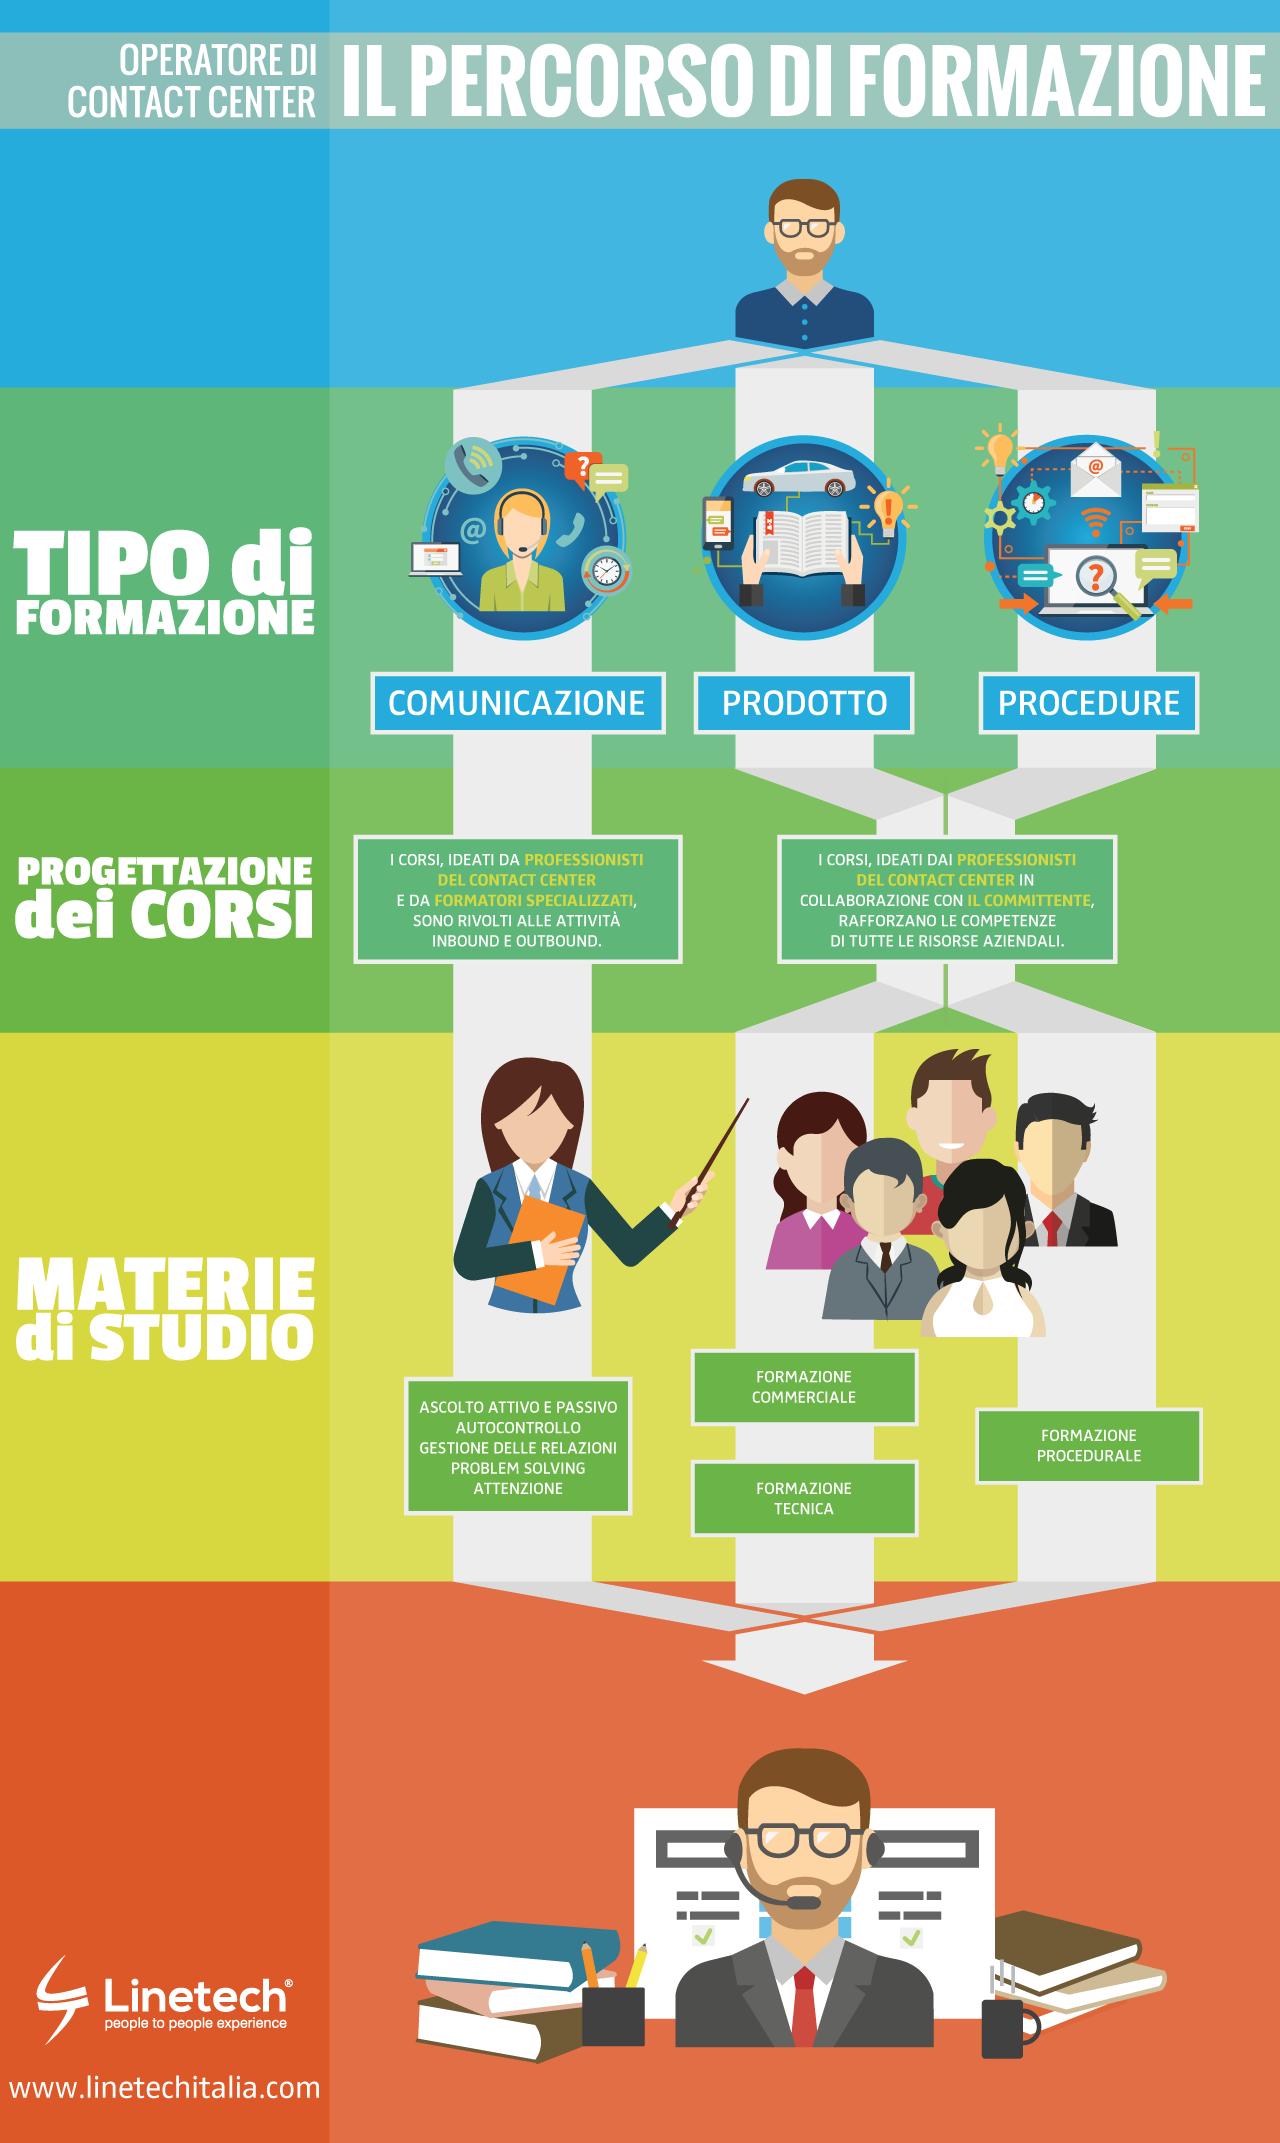 Linetech Italia - Blog - Formazione Operatori Telefonici - Infografica